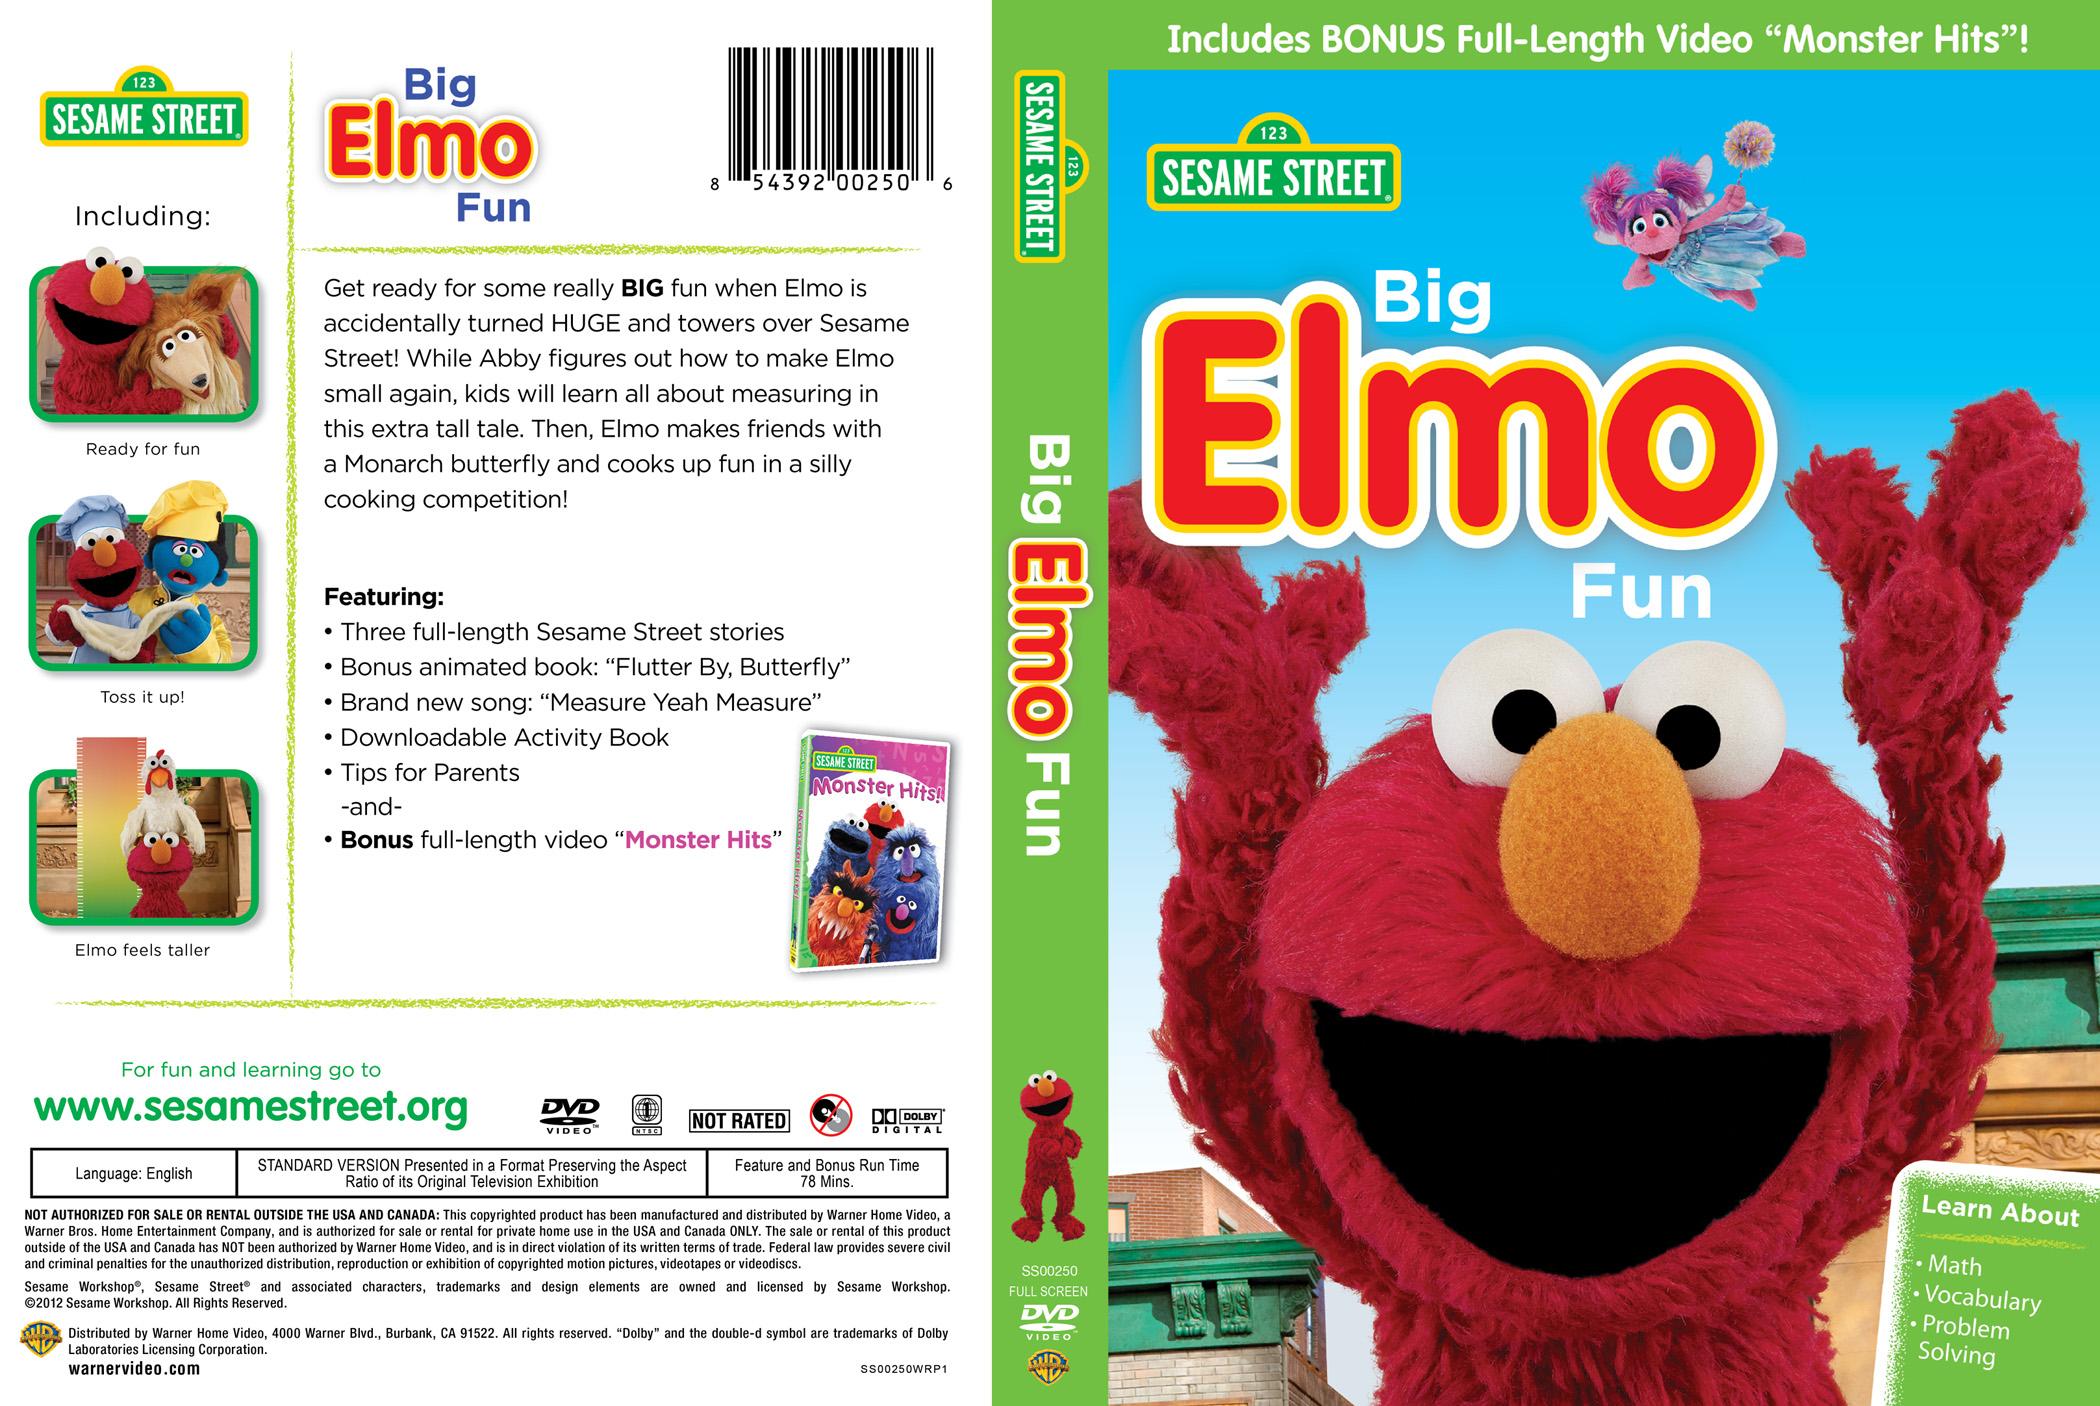 Big Elmo Fun Wrap 300dpi.jpg